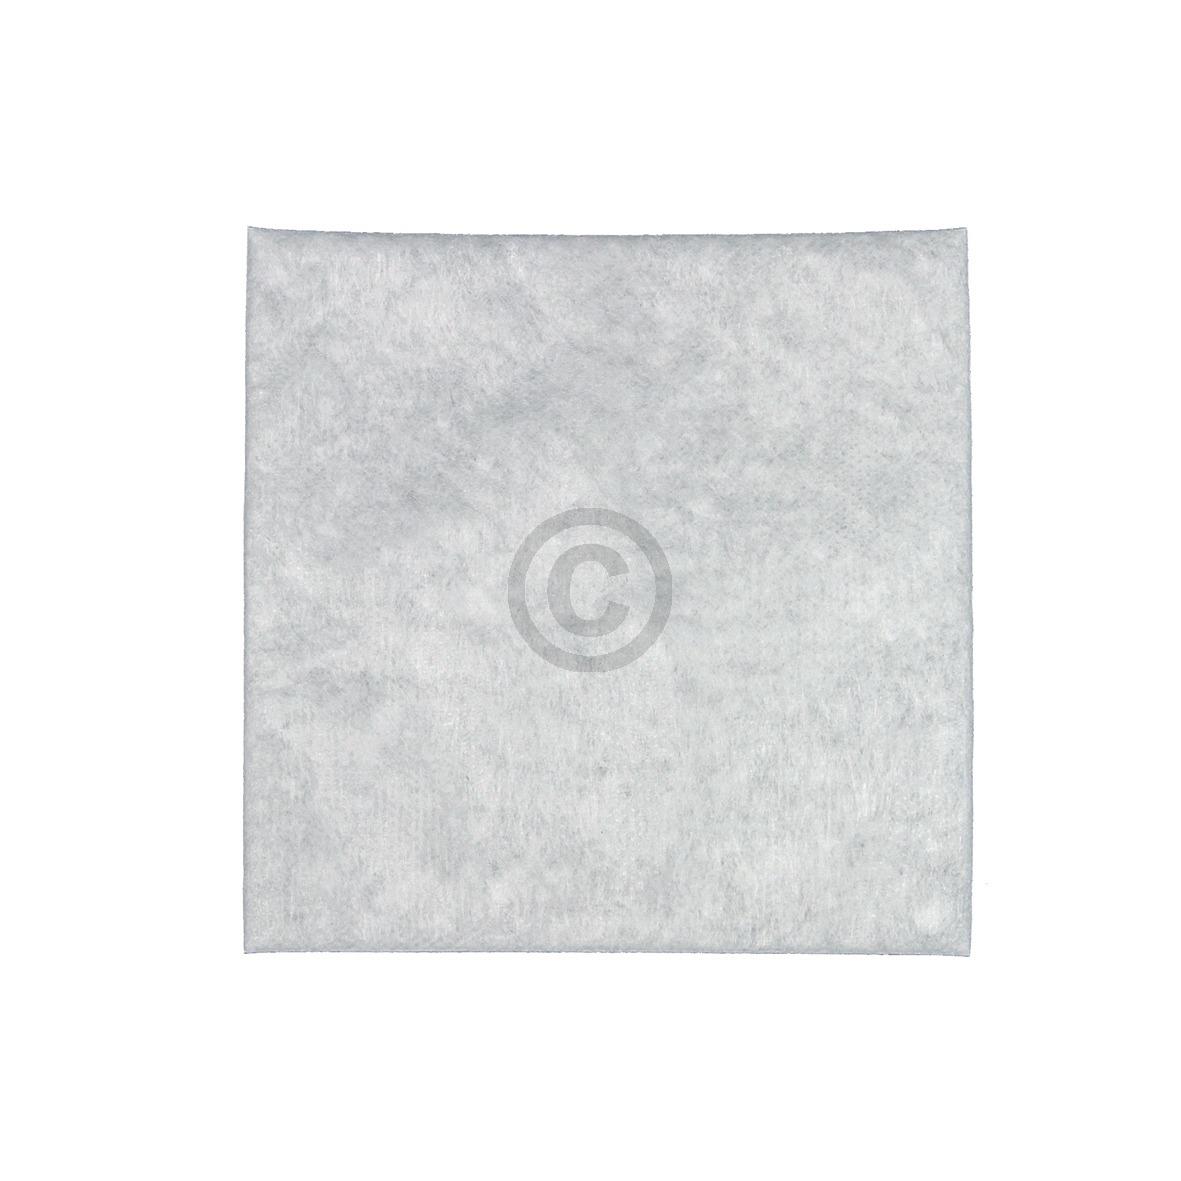 Filter Abluftfilter Matte 118x117mm, OT! 00483332 483332 Bosch, Siemens, Neff